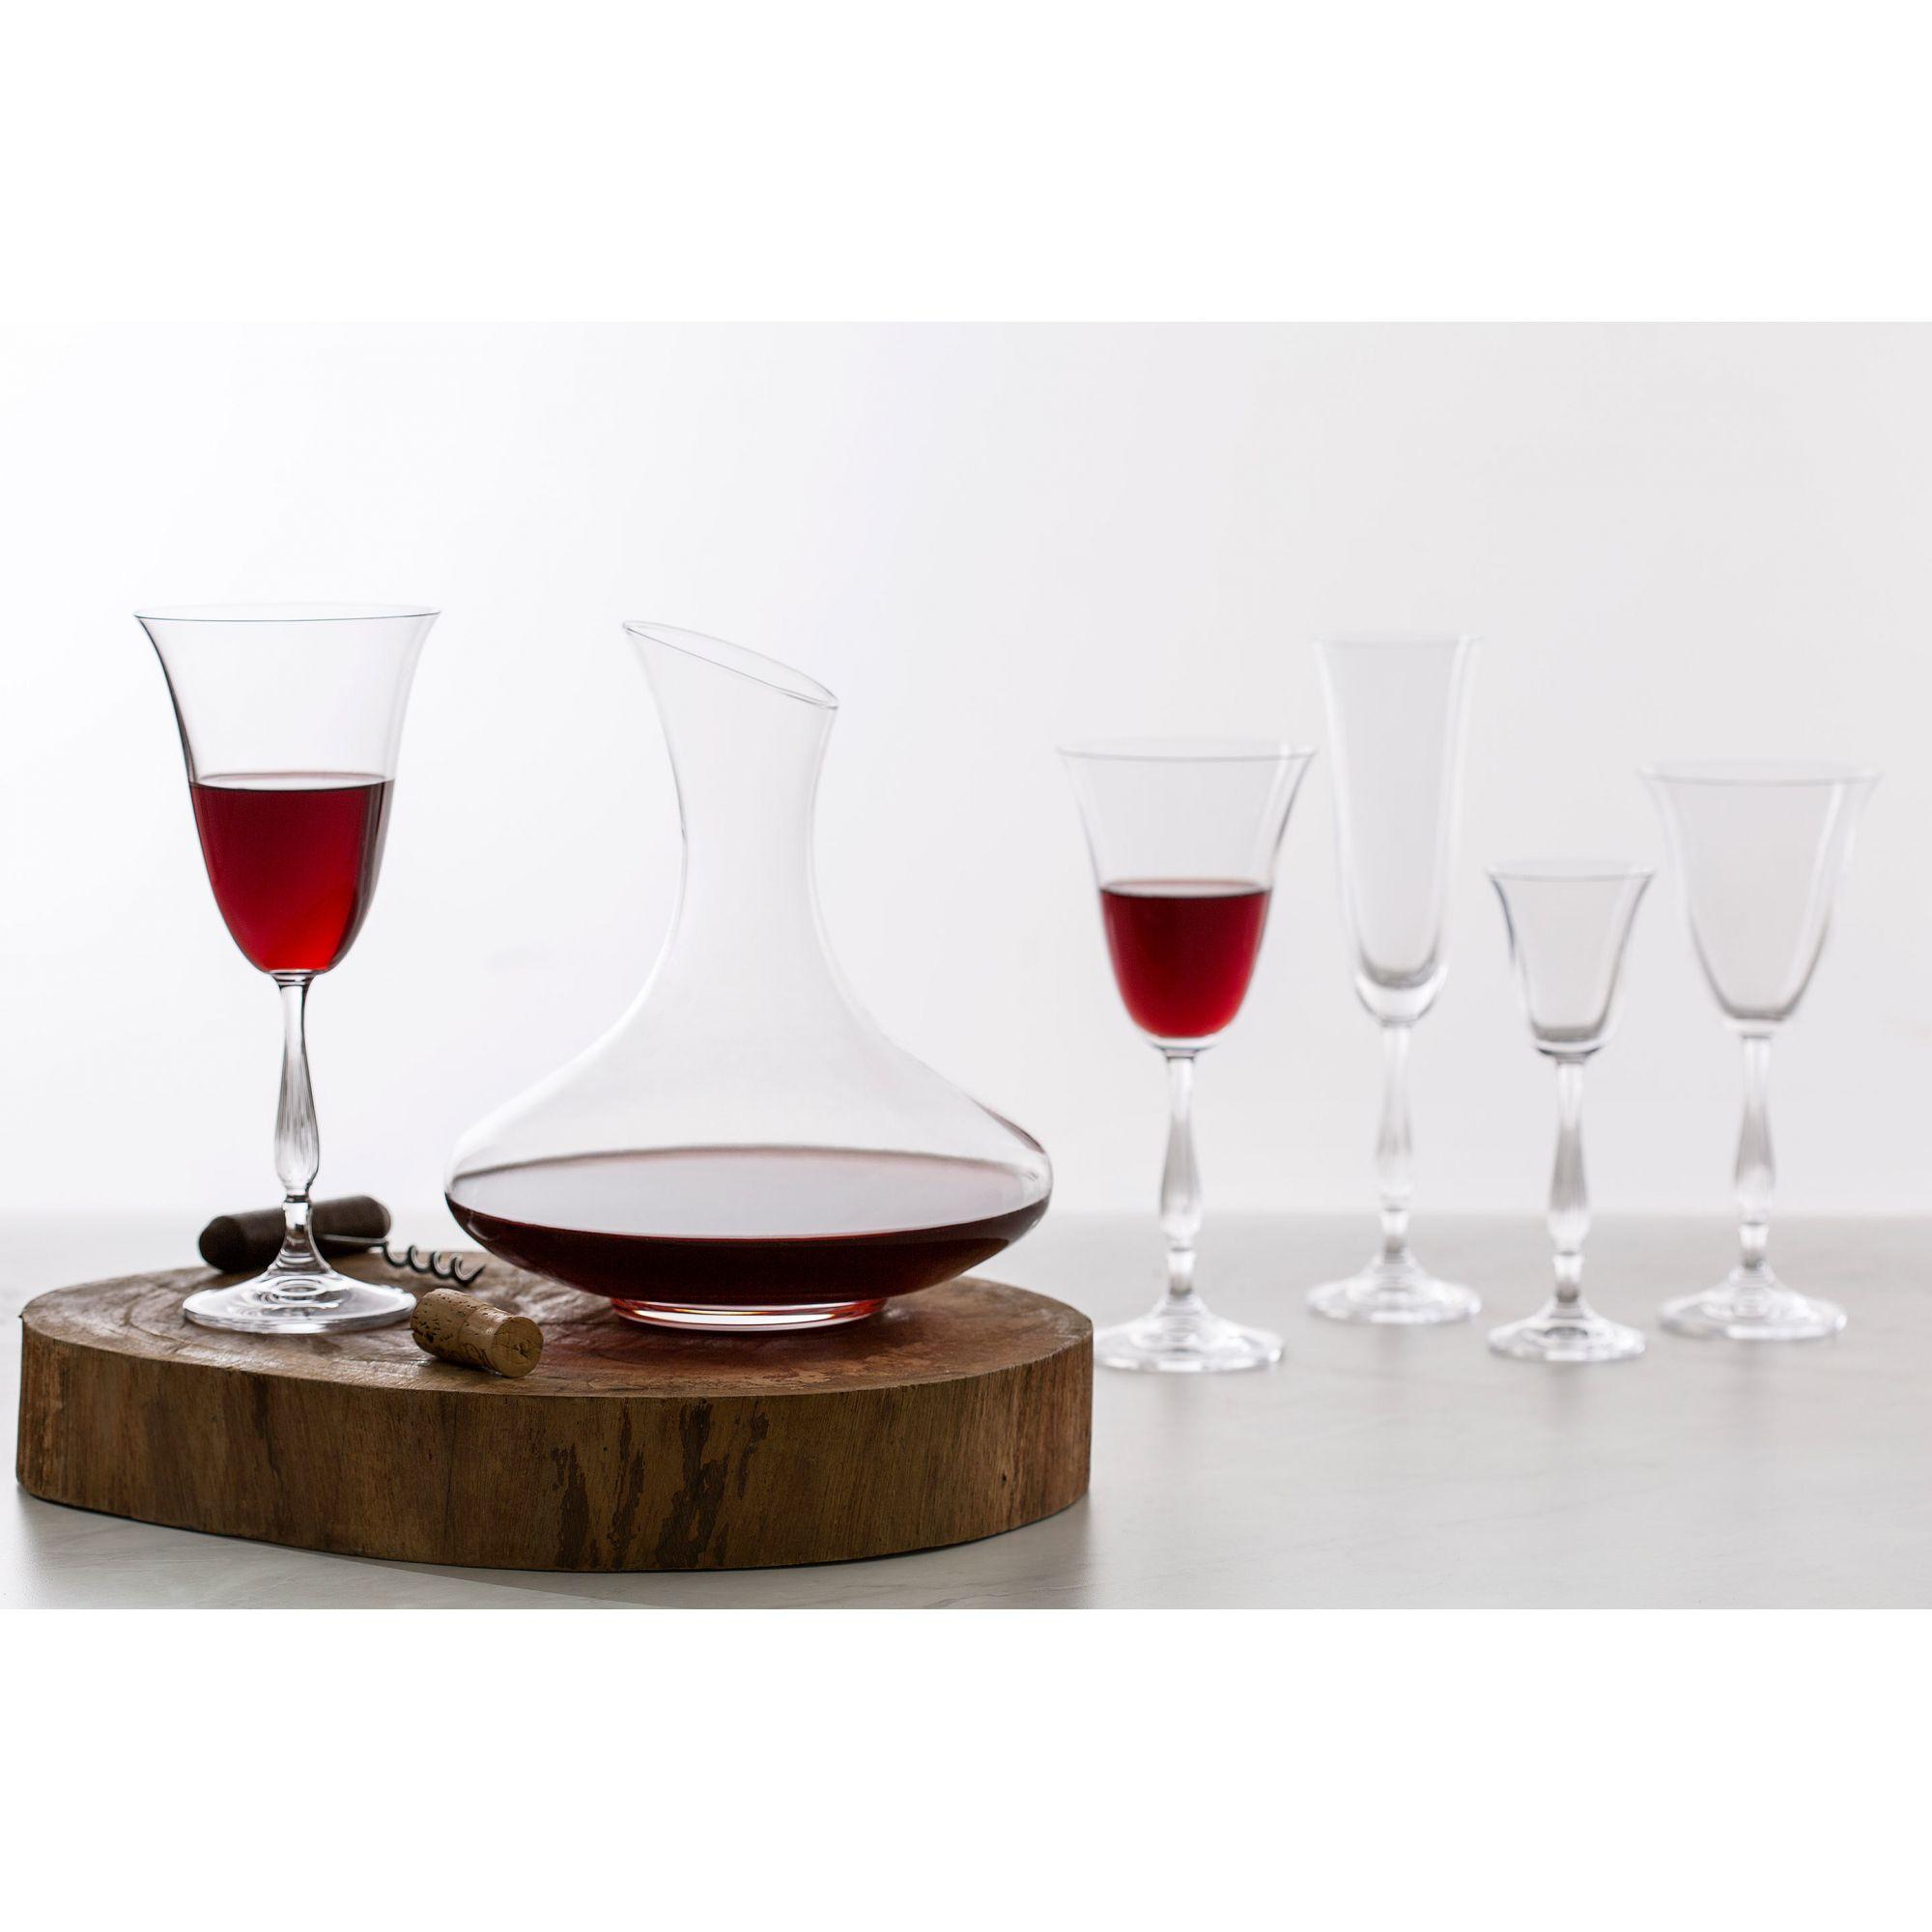 Jogo 6 taças 250ml para vinho tinto de cristal ecológico com titânio transparente Antik/Fregata Bohemia - L5532